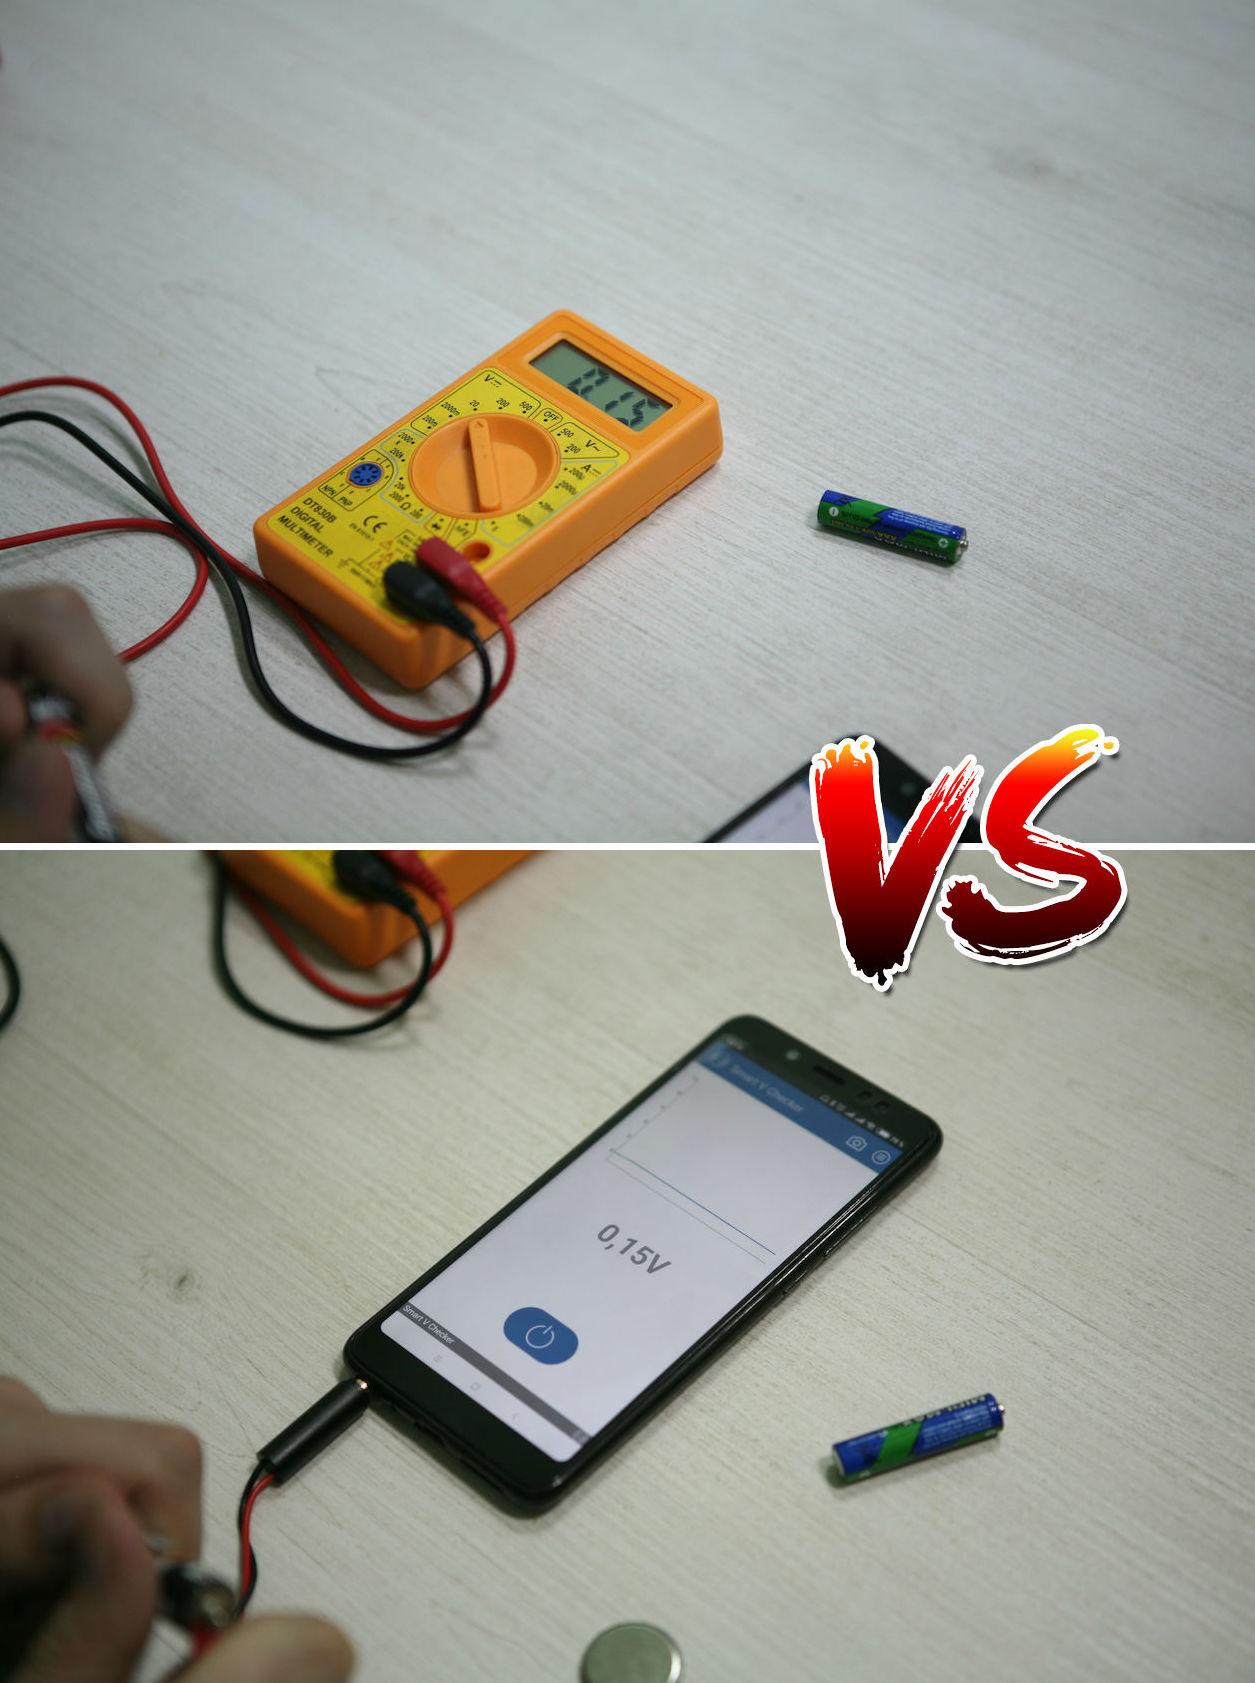 Вольтметр для батареек: карманный гаджет для смартфона с «крокодильчиками» - 4